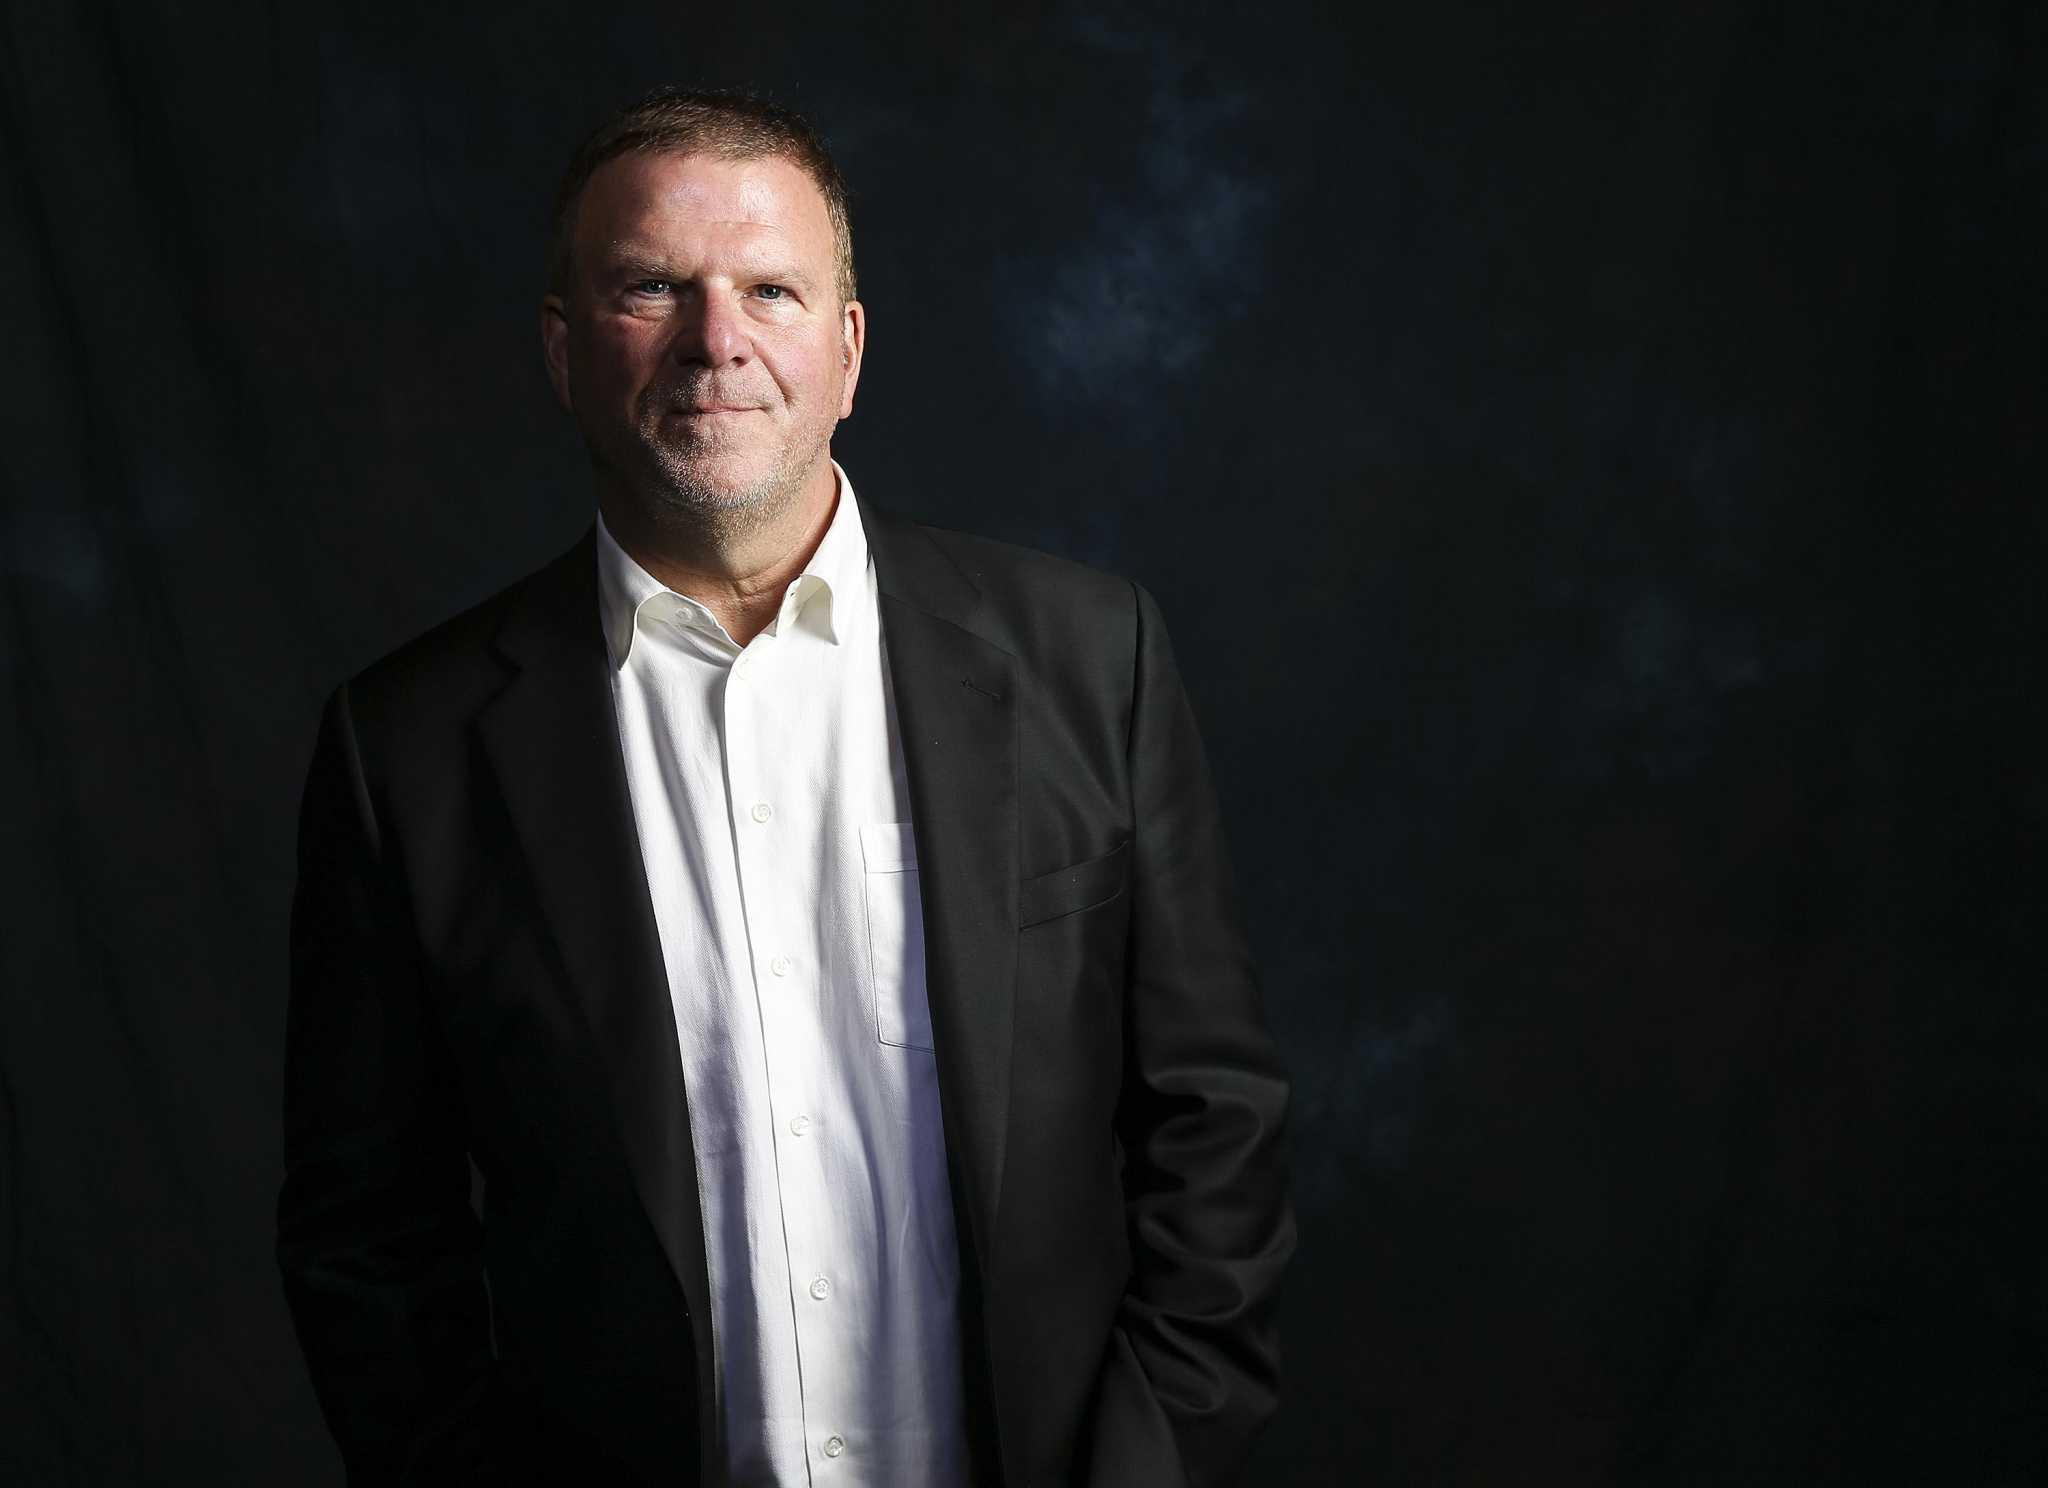 Tilman Fertitta still in running for Caesars takeover